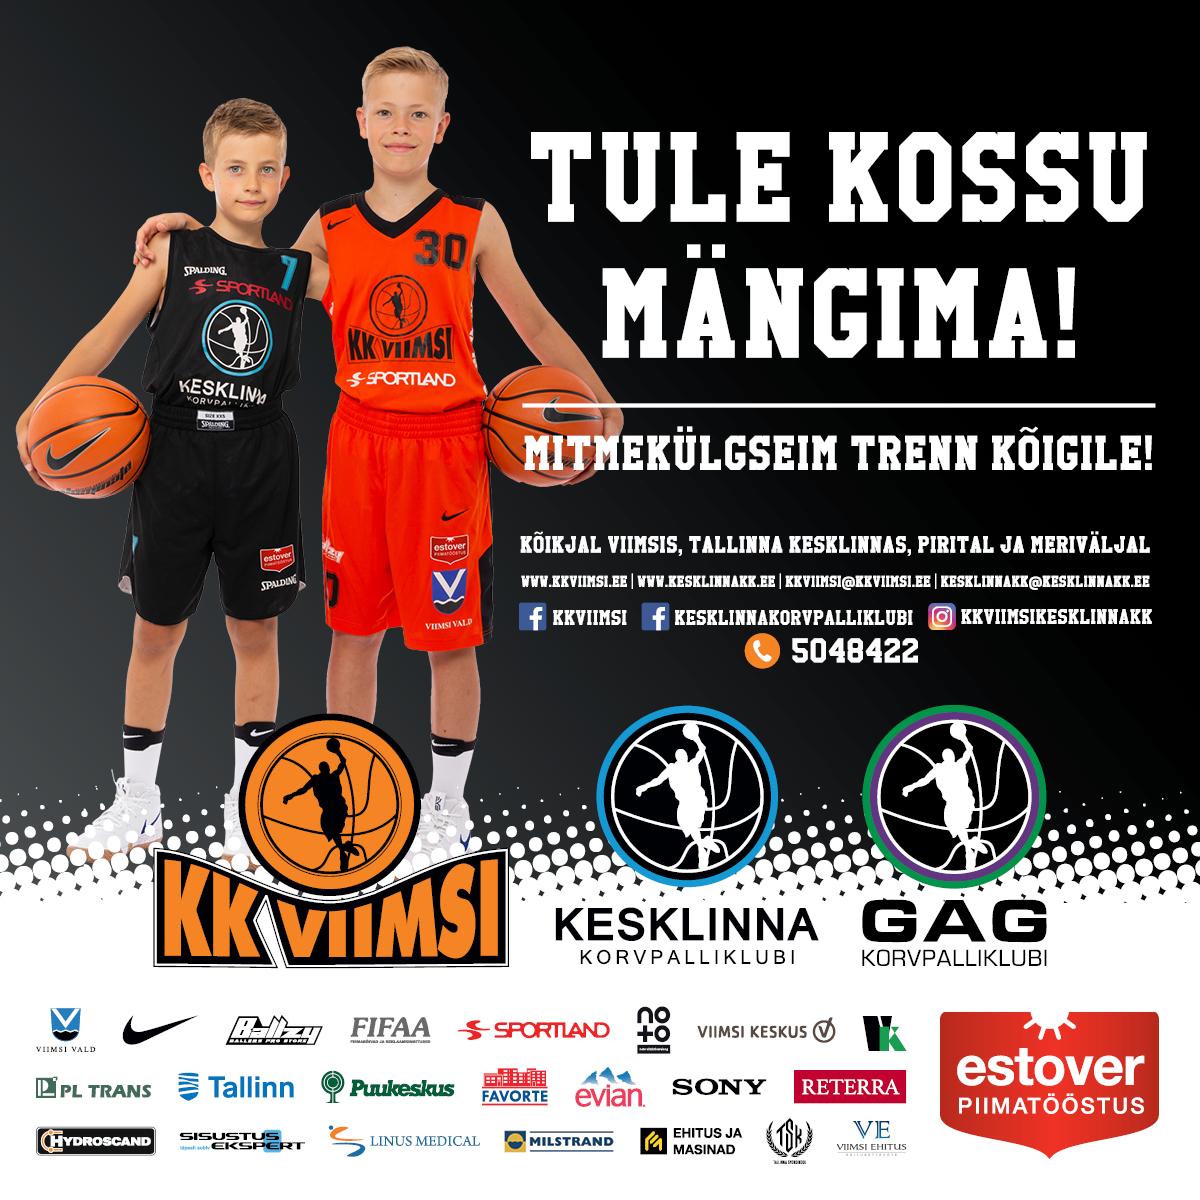 Tule Kossu Mängima 2019.KKV